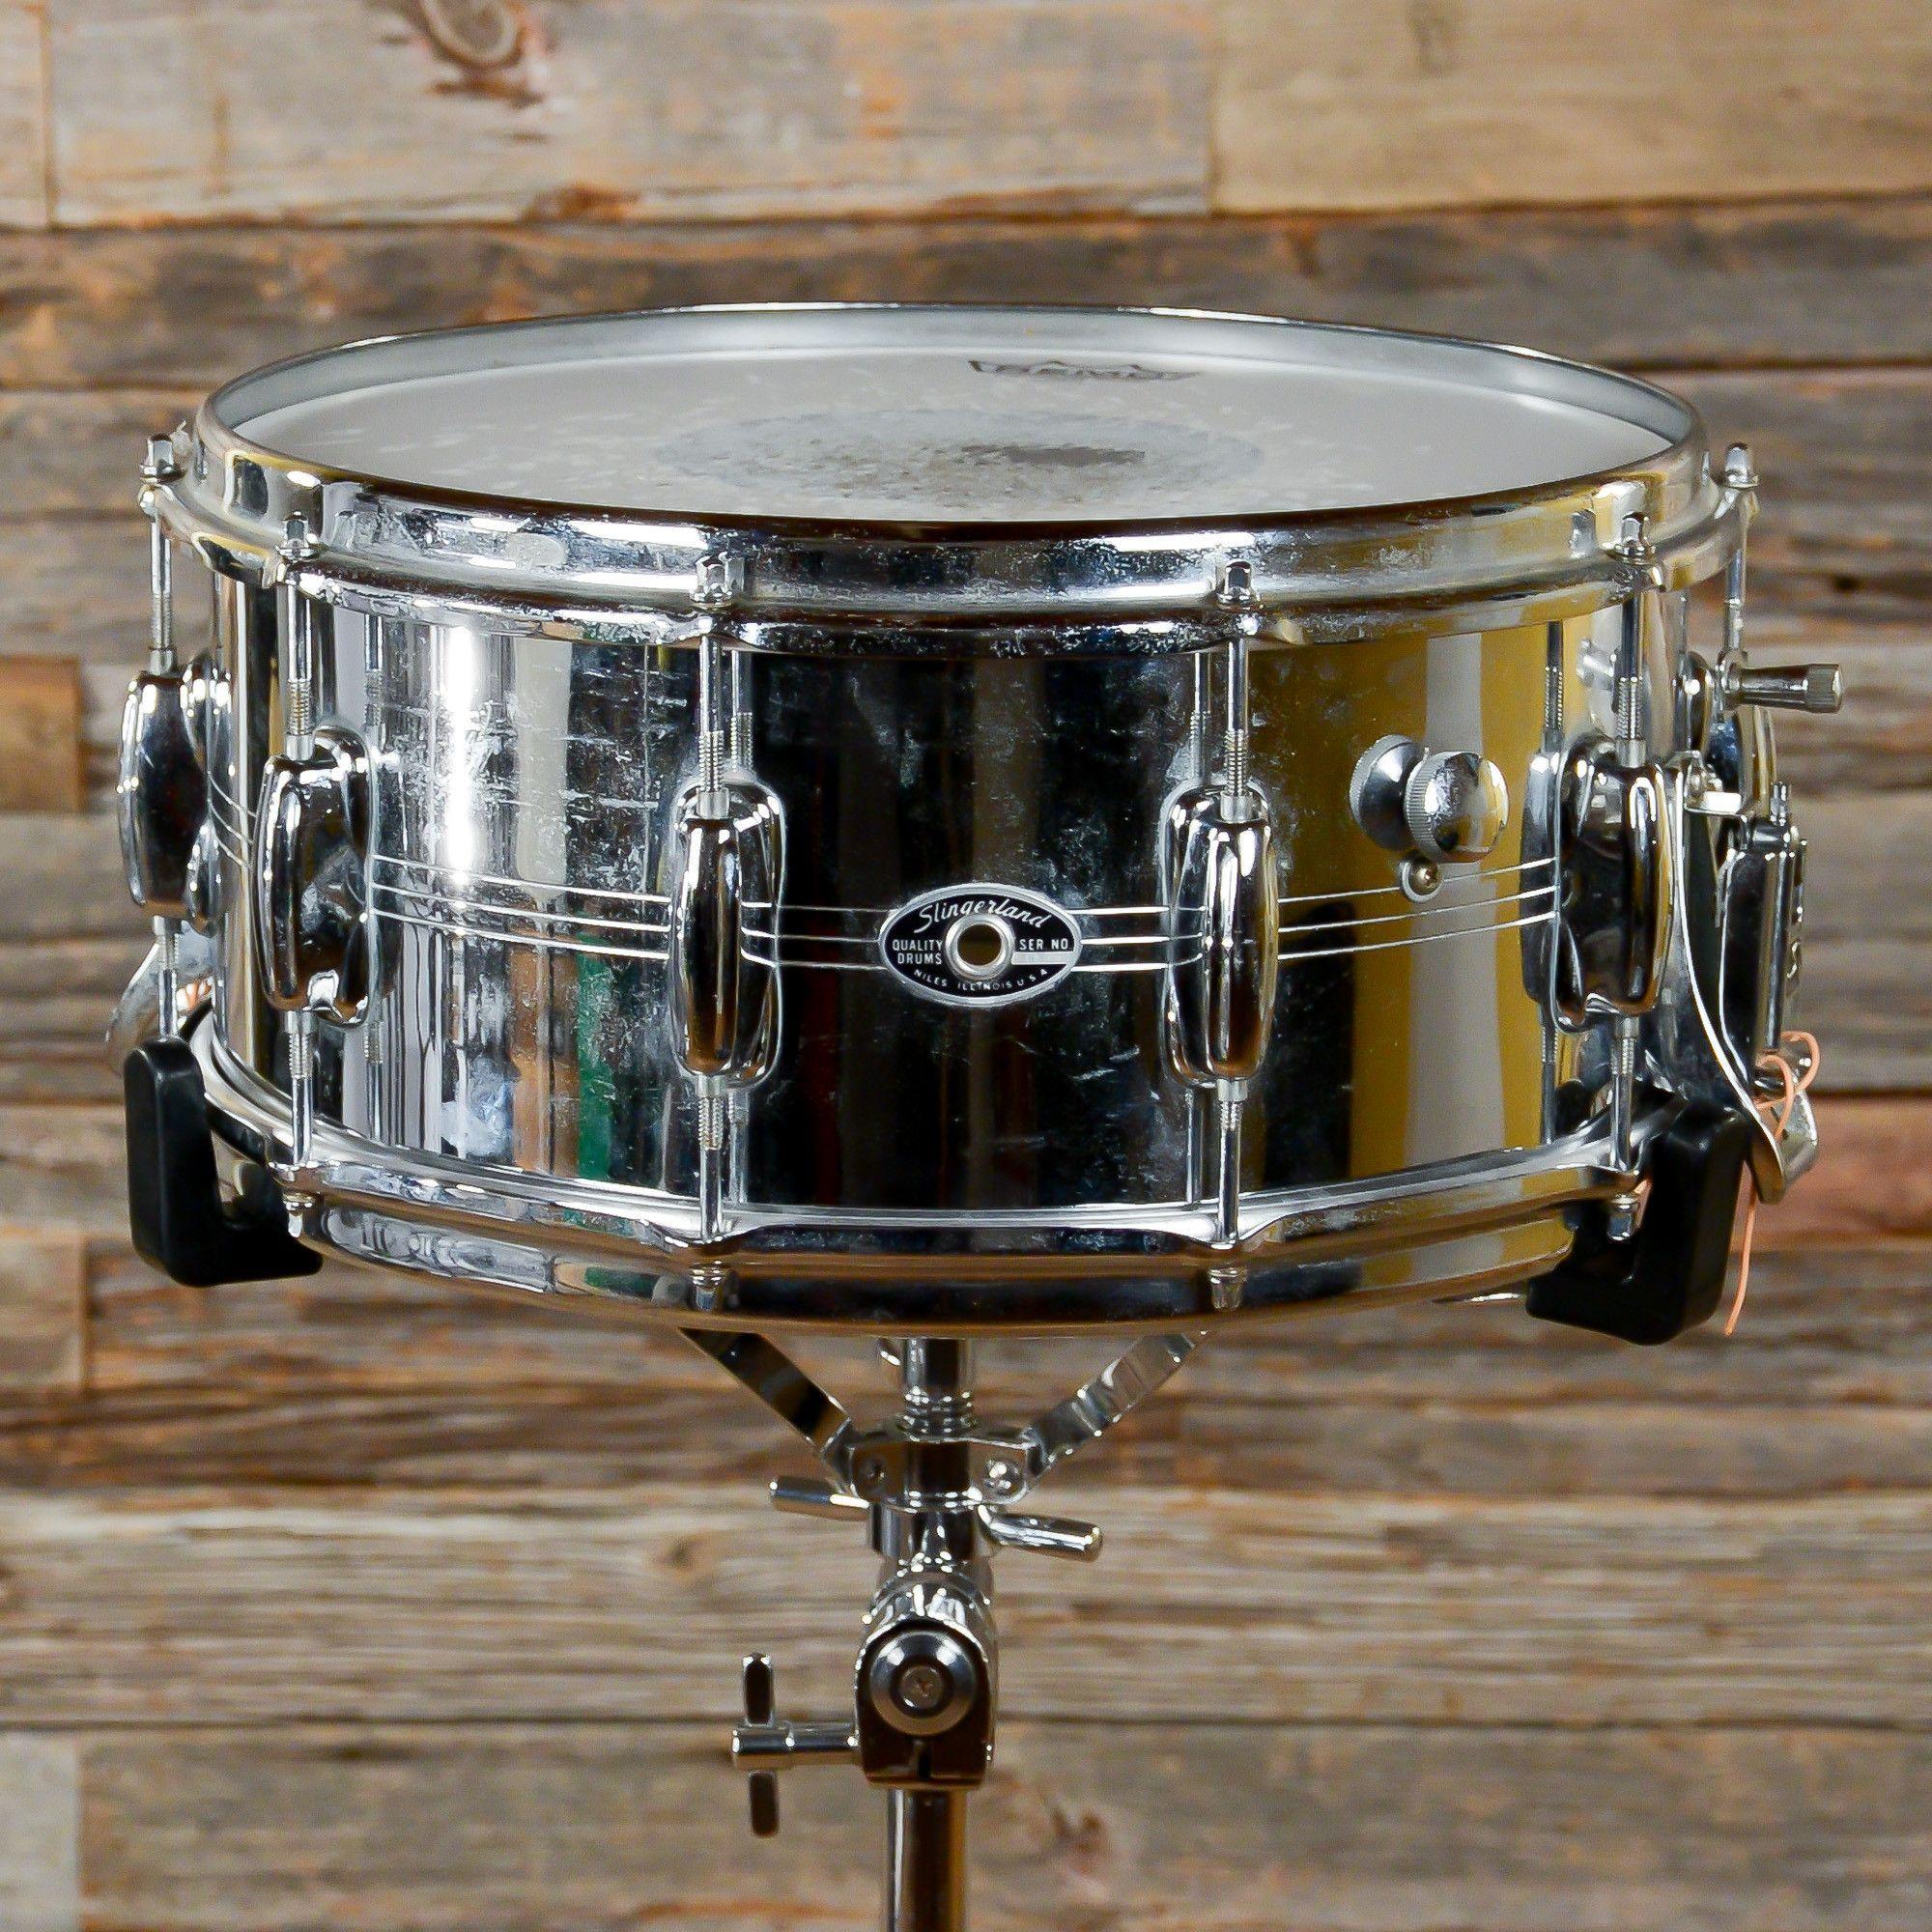 Slingerland 6.5x14 Gene Krupa Sound King COB Snare Drum 70s ...